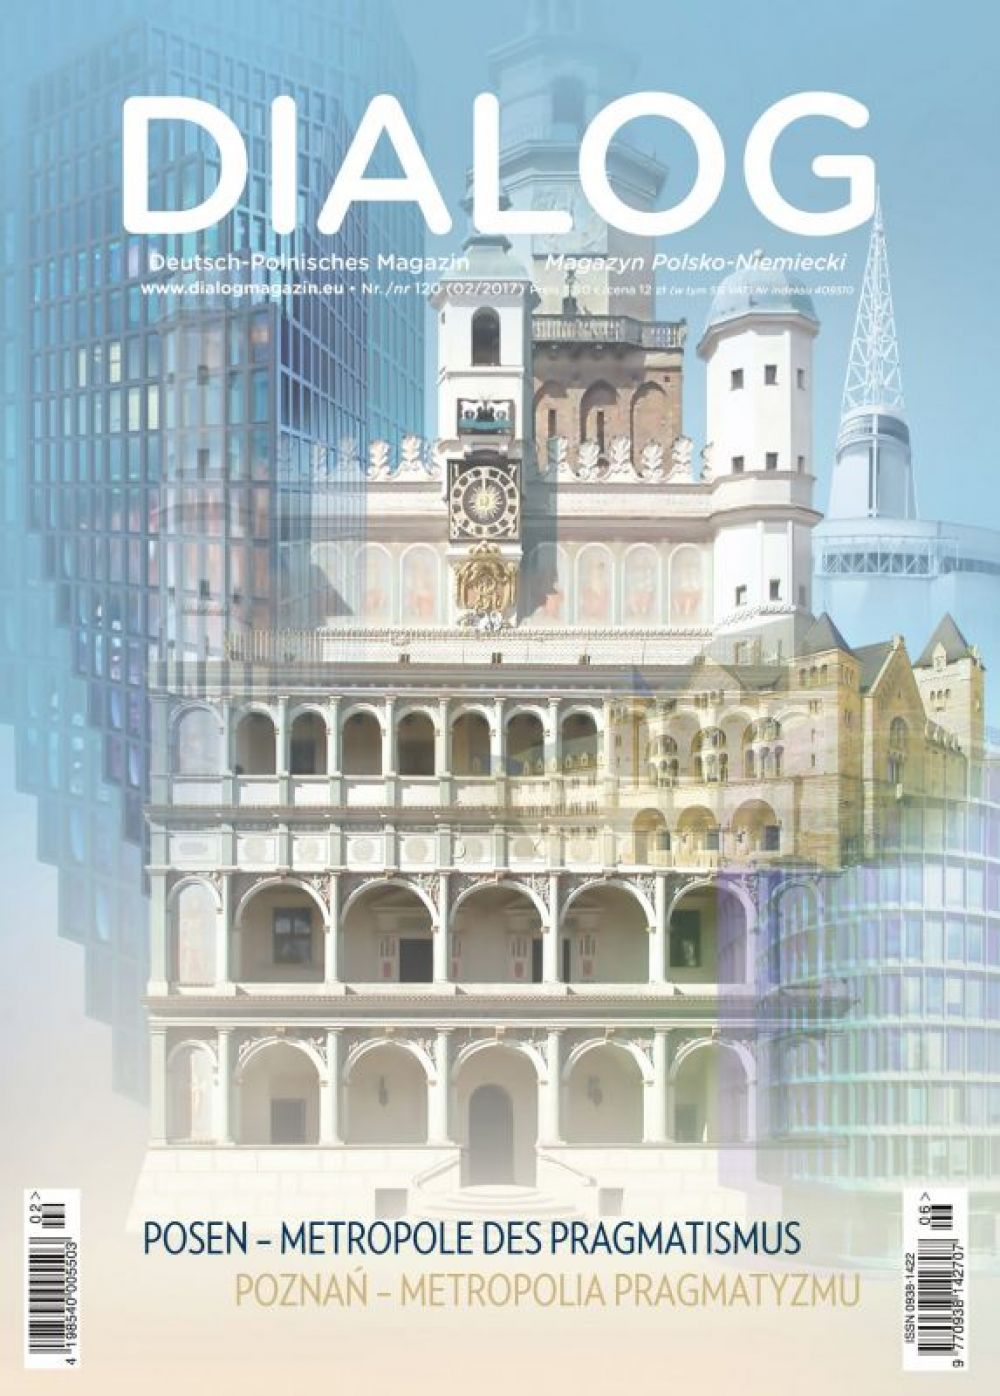 DIALOG MAGAZIN Cover